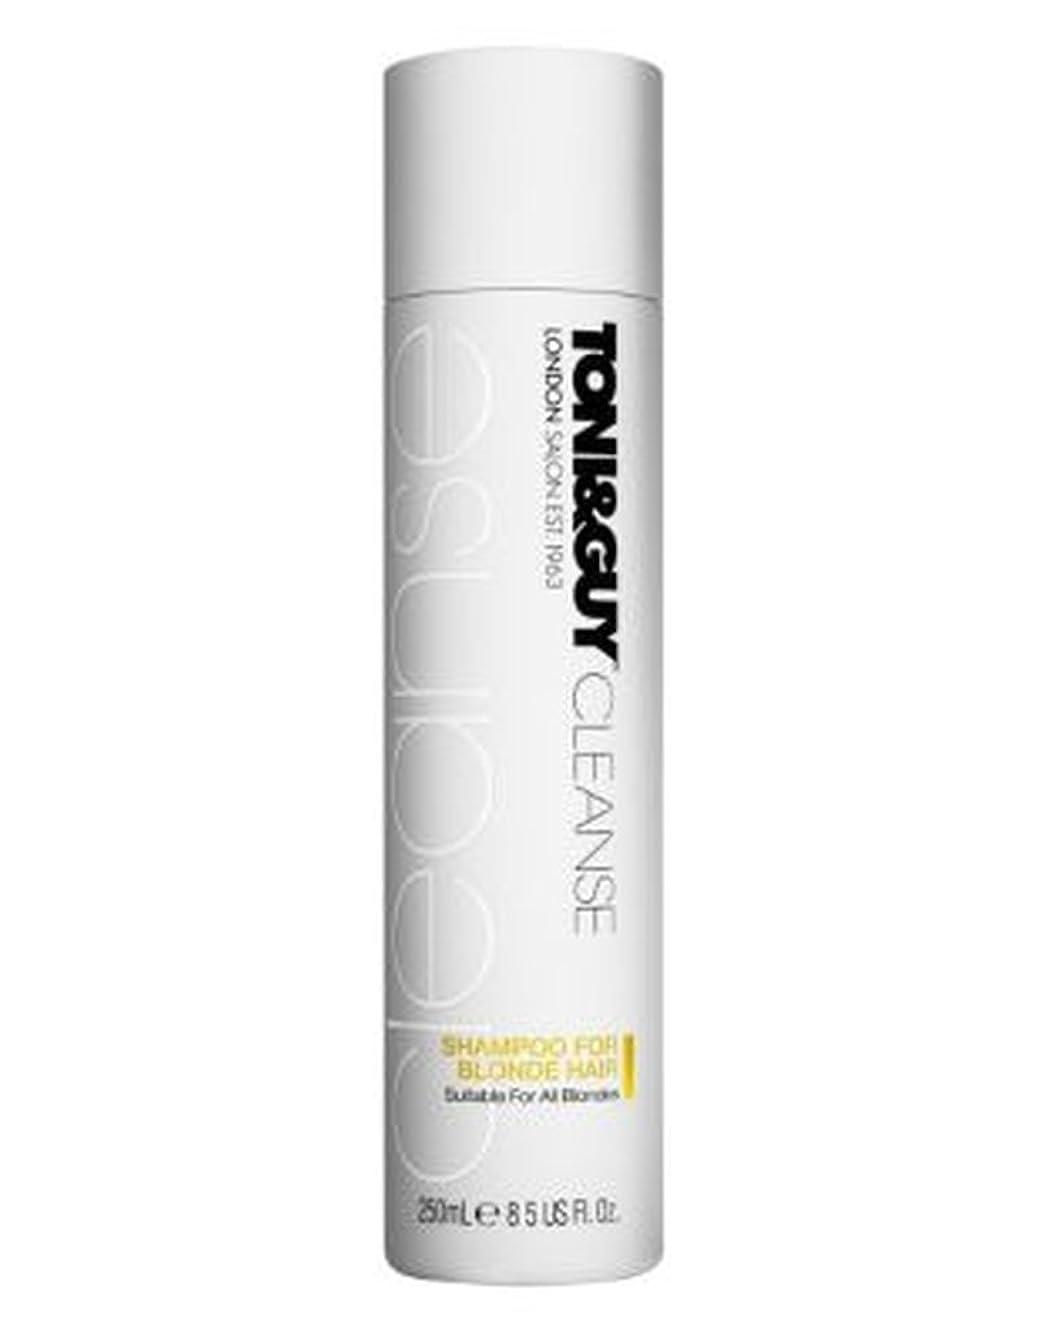 ロープウガンダショッピングセンターToni&Guy Cleanse Shampoo for Blonde Hair 250ml - トニ&男は金髪の250ミリリットルのためのシャンプーを清めます (Toni & Guy) [並行輸入品]